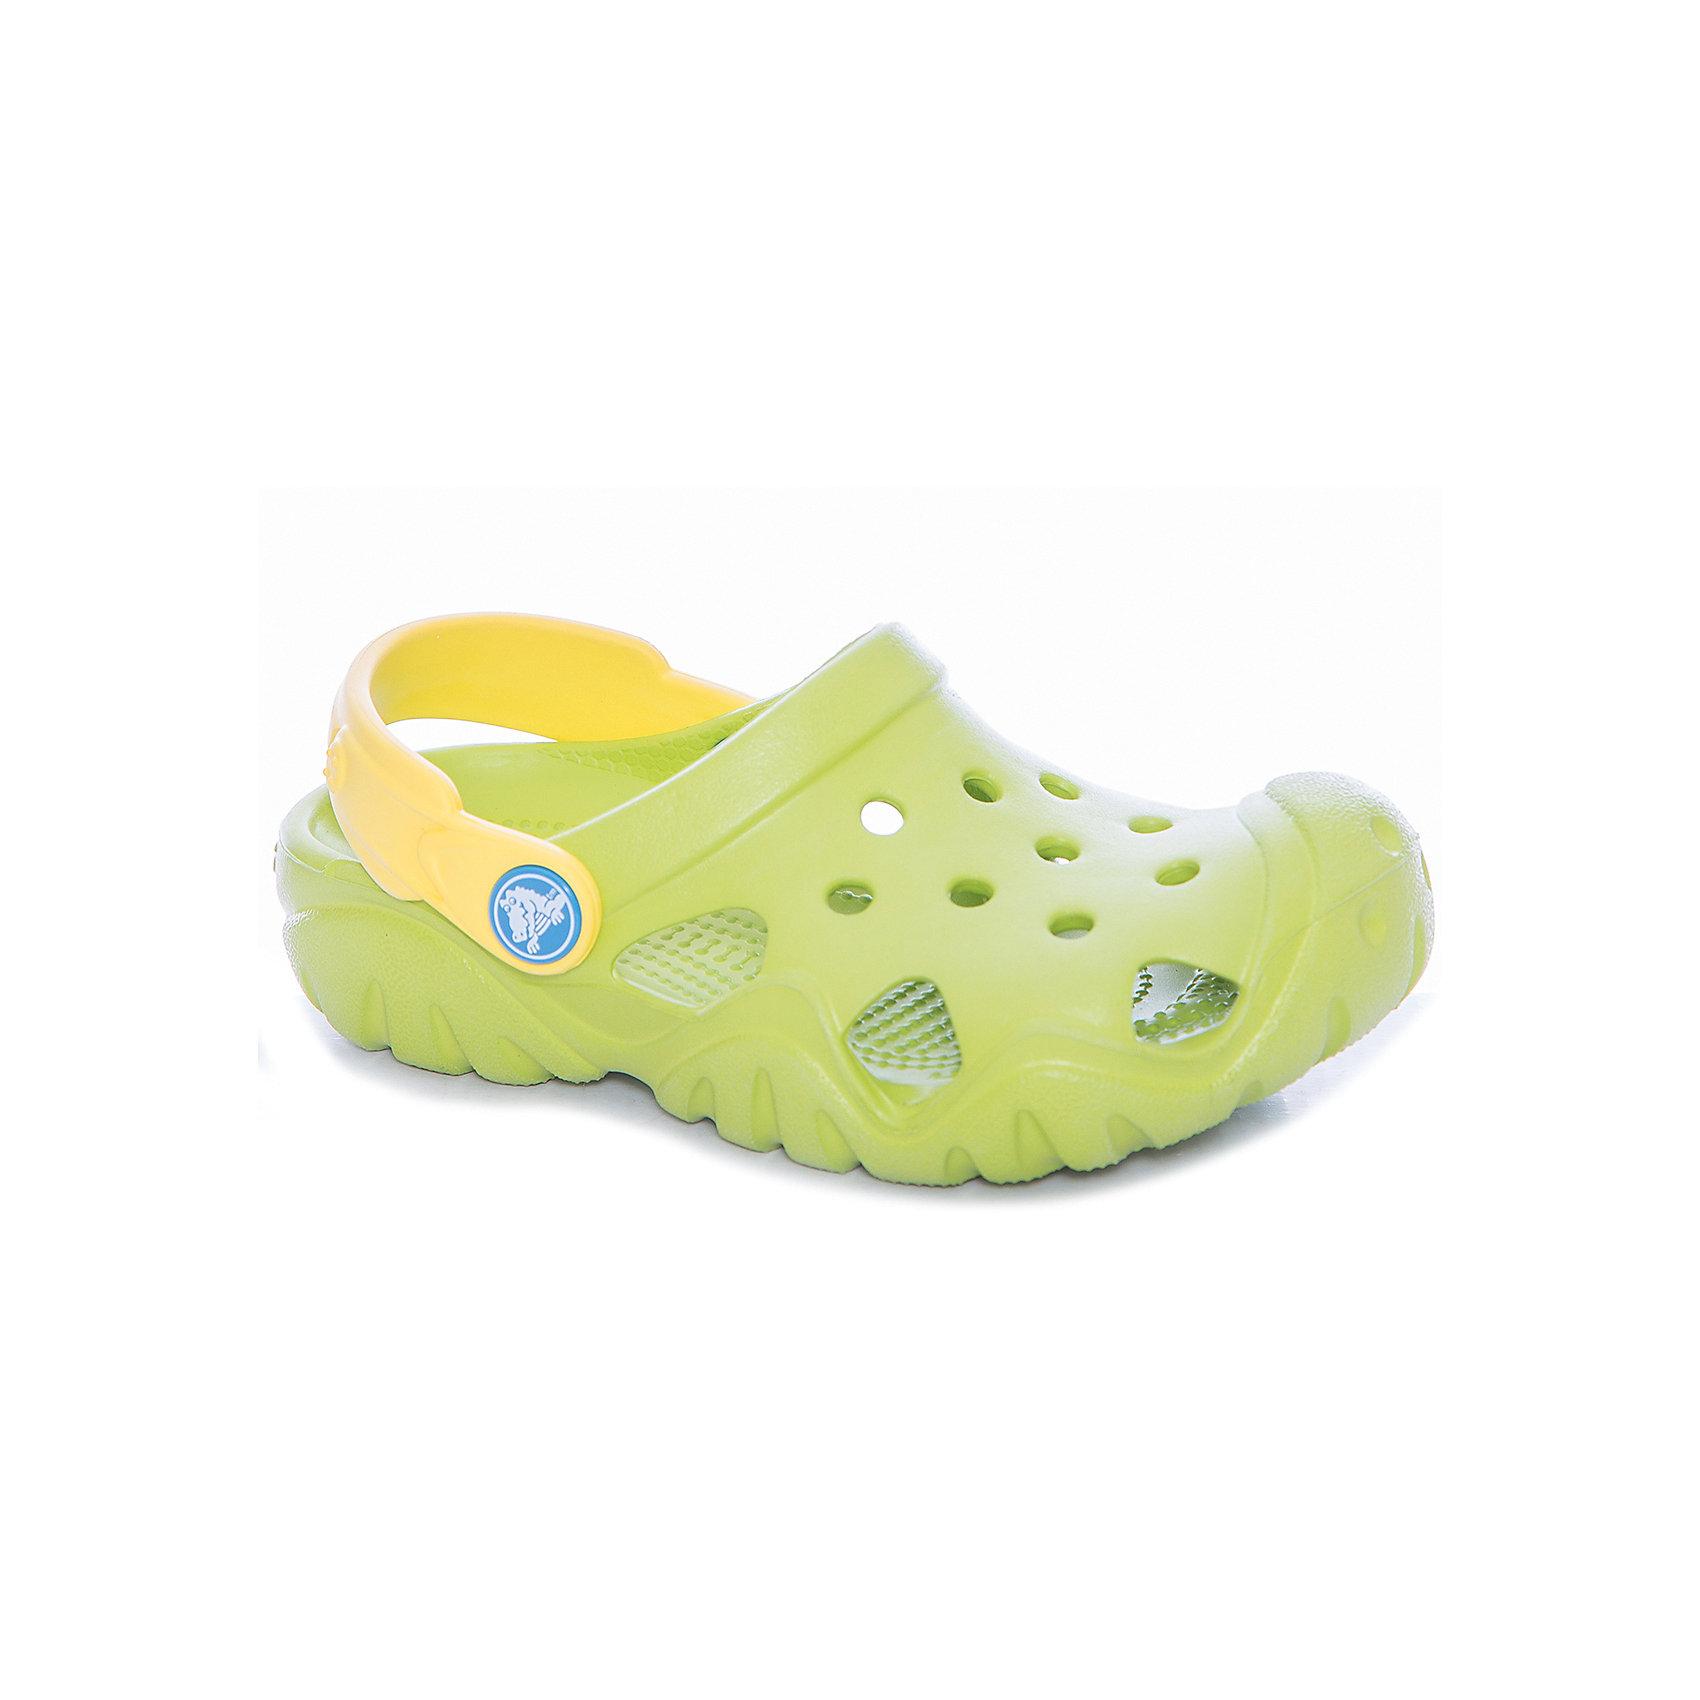 Сабо Kids Classic, CROCS, зеленыйПляжная обувь<br>Характеристики товара:<br><br>• цвет: зеленый<br>• сезон: лето<br>• тип: пляжная обувь<br>• материал: 100% полимер Croslite™<br>• под воздействием температуры тела принимают форму стопы<br>• полностью литая модель<br>• вентиляционные отверстия<br>• бактериостатичный материал<br>• пяточный ремешок фиксирует стопу<br>• толстая устойчивая подошва<br>• анатомическая стелька с массажными точками<br>• страна бренда: США<br>• страна изготовитель: Китай<br><br>Для правильного развития ребенка крайне важно, чтобы обувь была удобной.<br><br>Такие сабо обеспечивают детям необходимый комфорт, а анатомическая стелька с массажными линиями для стимуляции кровообращения позволяет ножкам дольше не уставать. <br><br>Сабо легко надеваются и снимаются, отлично сидят на ноге. <br><br>Материал, из которого они сделаны, не дает размножаться бактериям, поэтому такая обувь препятствует образованию неприятного запаха и появлению болезней стоп.<br><br>Обувь от американского бренда Crocs в данный момент завоевала широкую популярность во всем мире, и это не удивительно - ведь она невероятно удобна. <br><br>Продукция Crocs - это качественные товары, созданные с применением новейших технологий.<br><br>Сабо Kids Classic от торговой марки Crocs можно купить в нашем интернет-магазине.<br><br>Ширина мм: 225<br>Глубина мм: 139<br>Высота мм: 112<br>Вес г: 290<br>Цвет: зеленый<br>Возраст от месяцев: 132<br>Возраст до месяцев: 144<br>Пол: Унисекс<br>Возраст: Детский<br>Размер: 34/35,27,28,29,30,23,24,25,26,31/32,33/34<br>SKU: 5417081